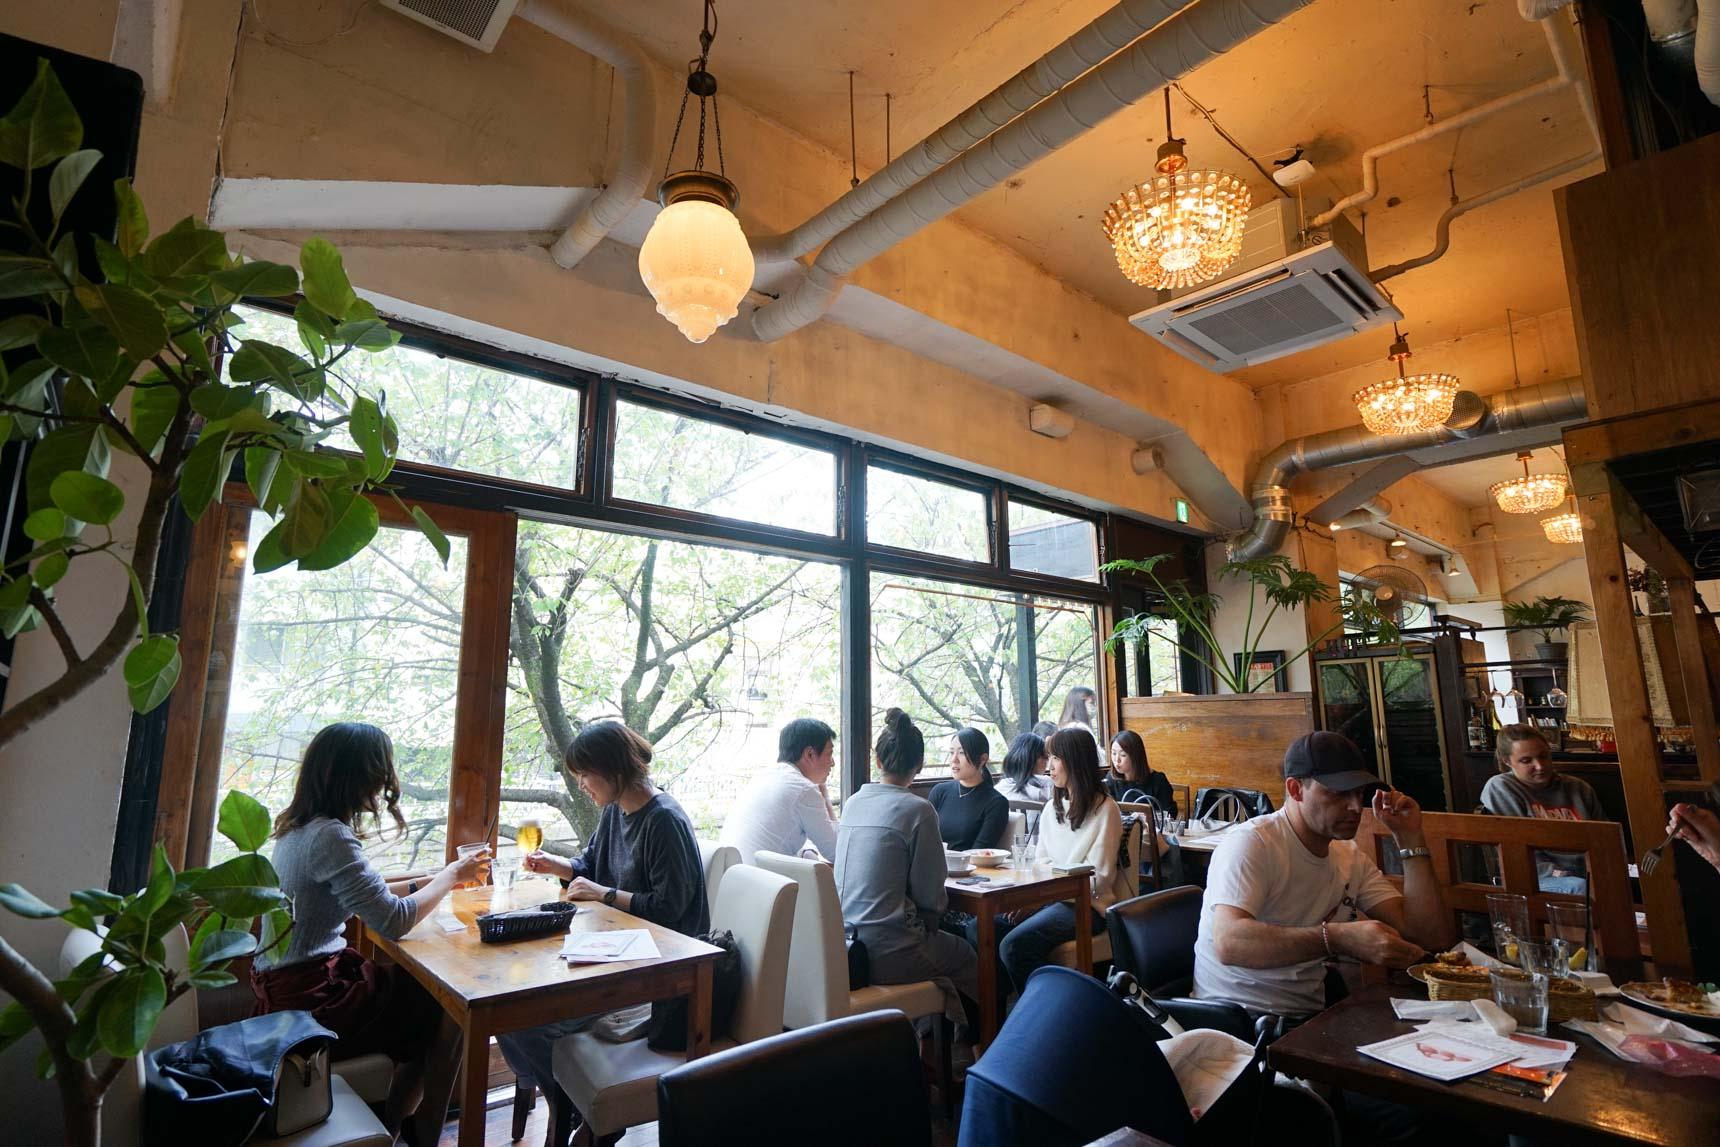 川沿いのおしゃれなカフェ巡りがふたりの休日の恒例になりそう(中目黒のカフェ『HUIT』で、目黒川の緑を眺めながら休日ランチ)